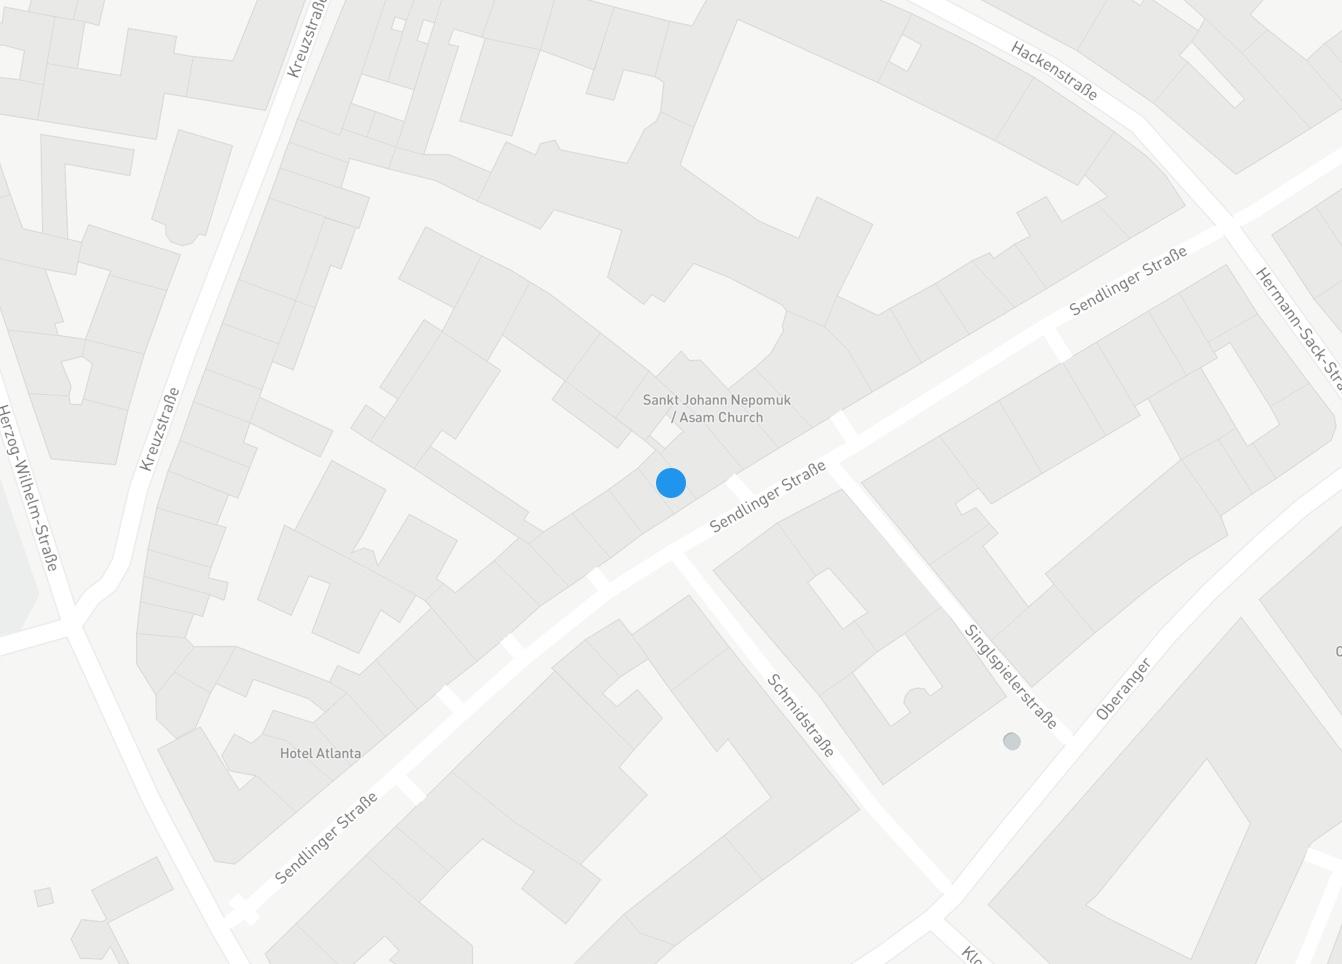 Google Maps Karte in München